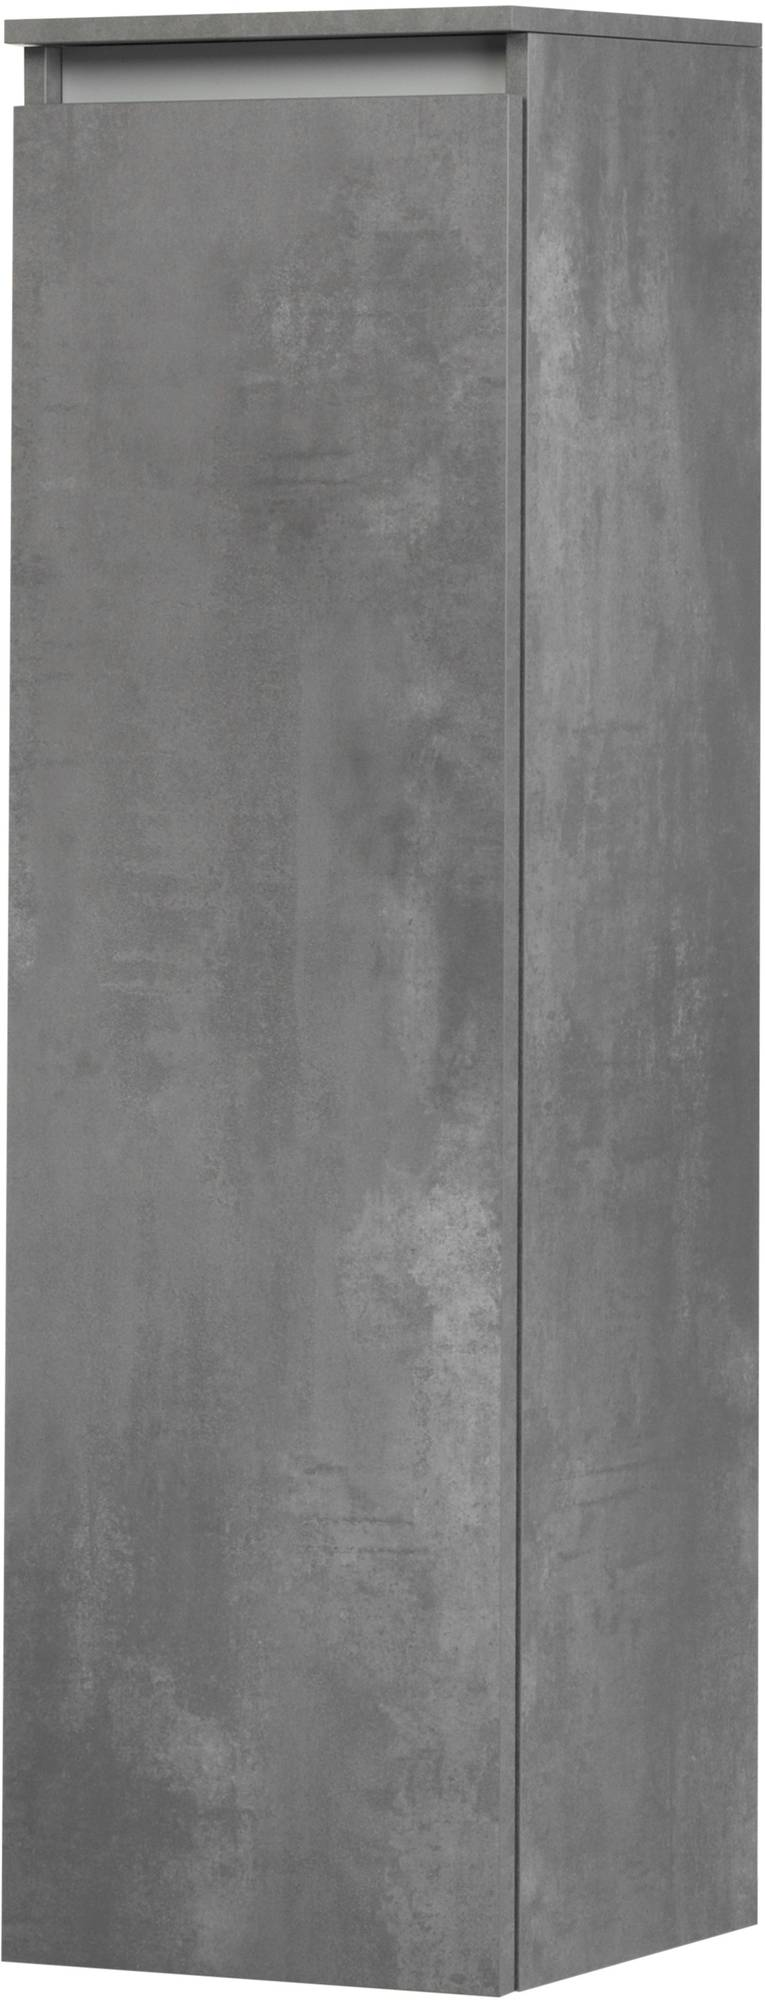 Saniselect Guarda Halfhoge Kast Links 35x34x120 cm Beton Grijs